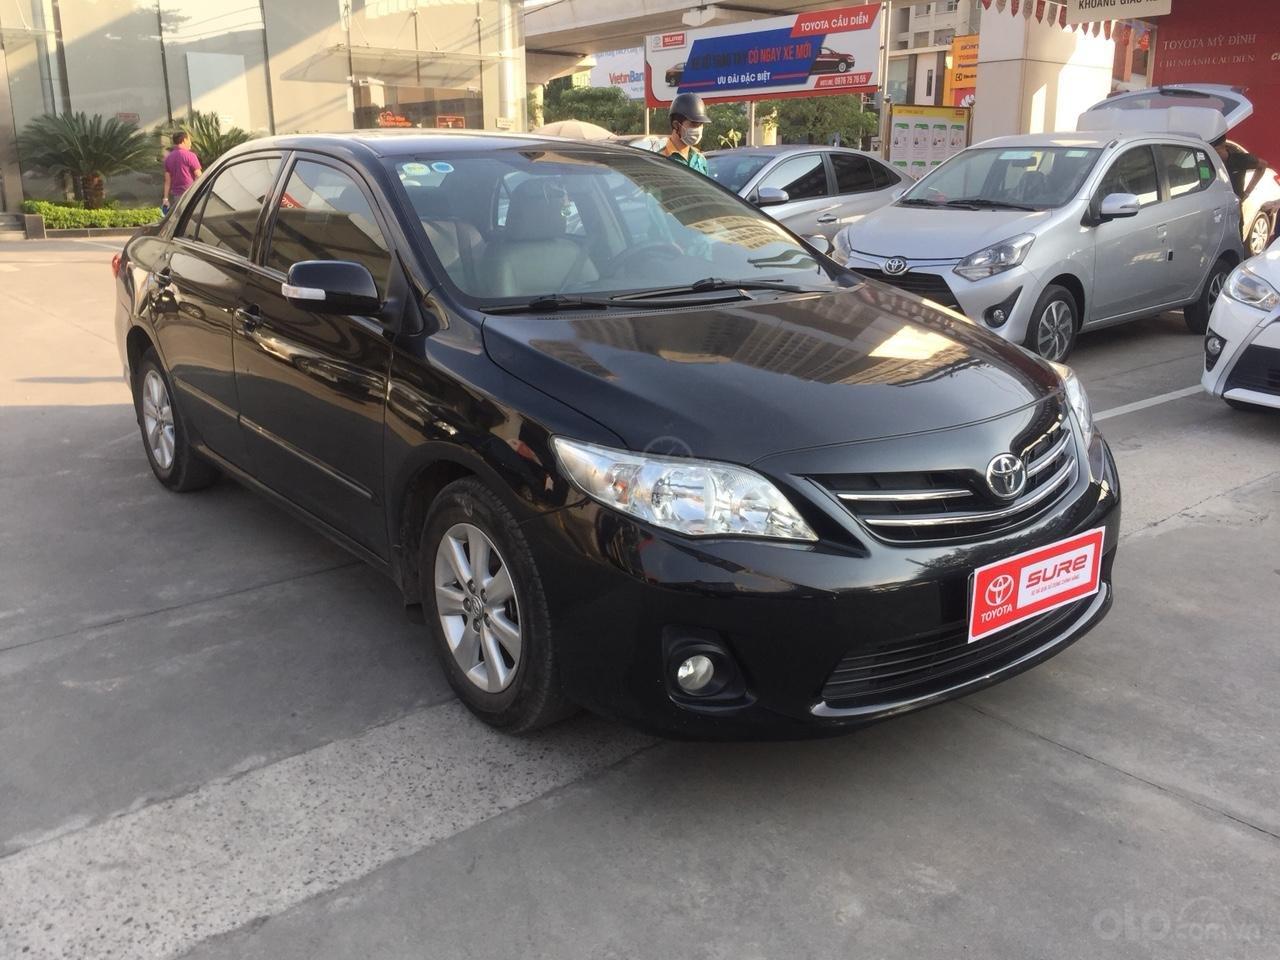 Bán xe Toyota Corolla altis sản xuất 2013, màu đen-0